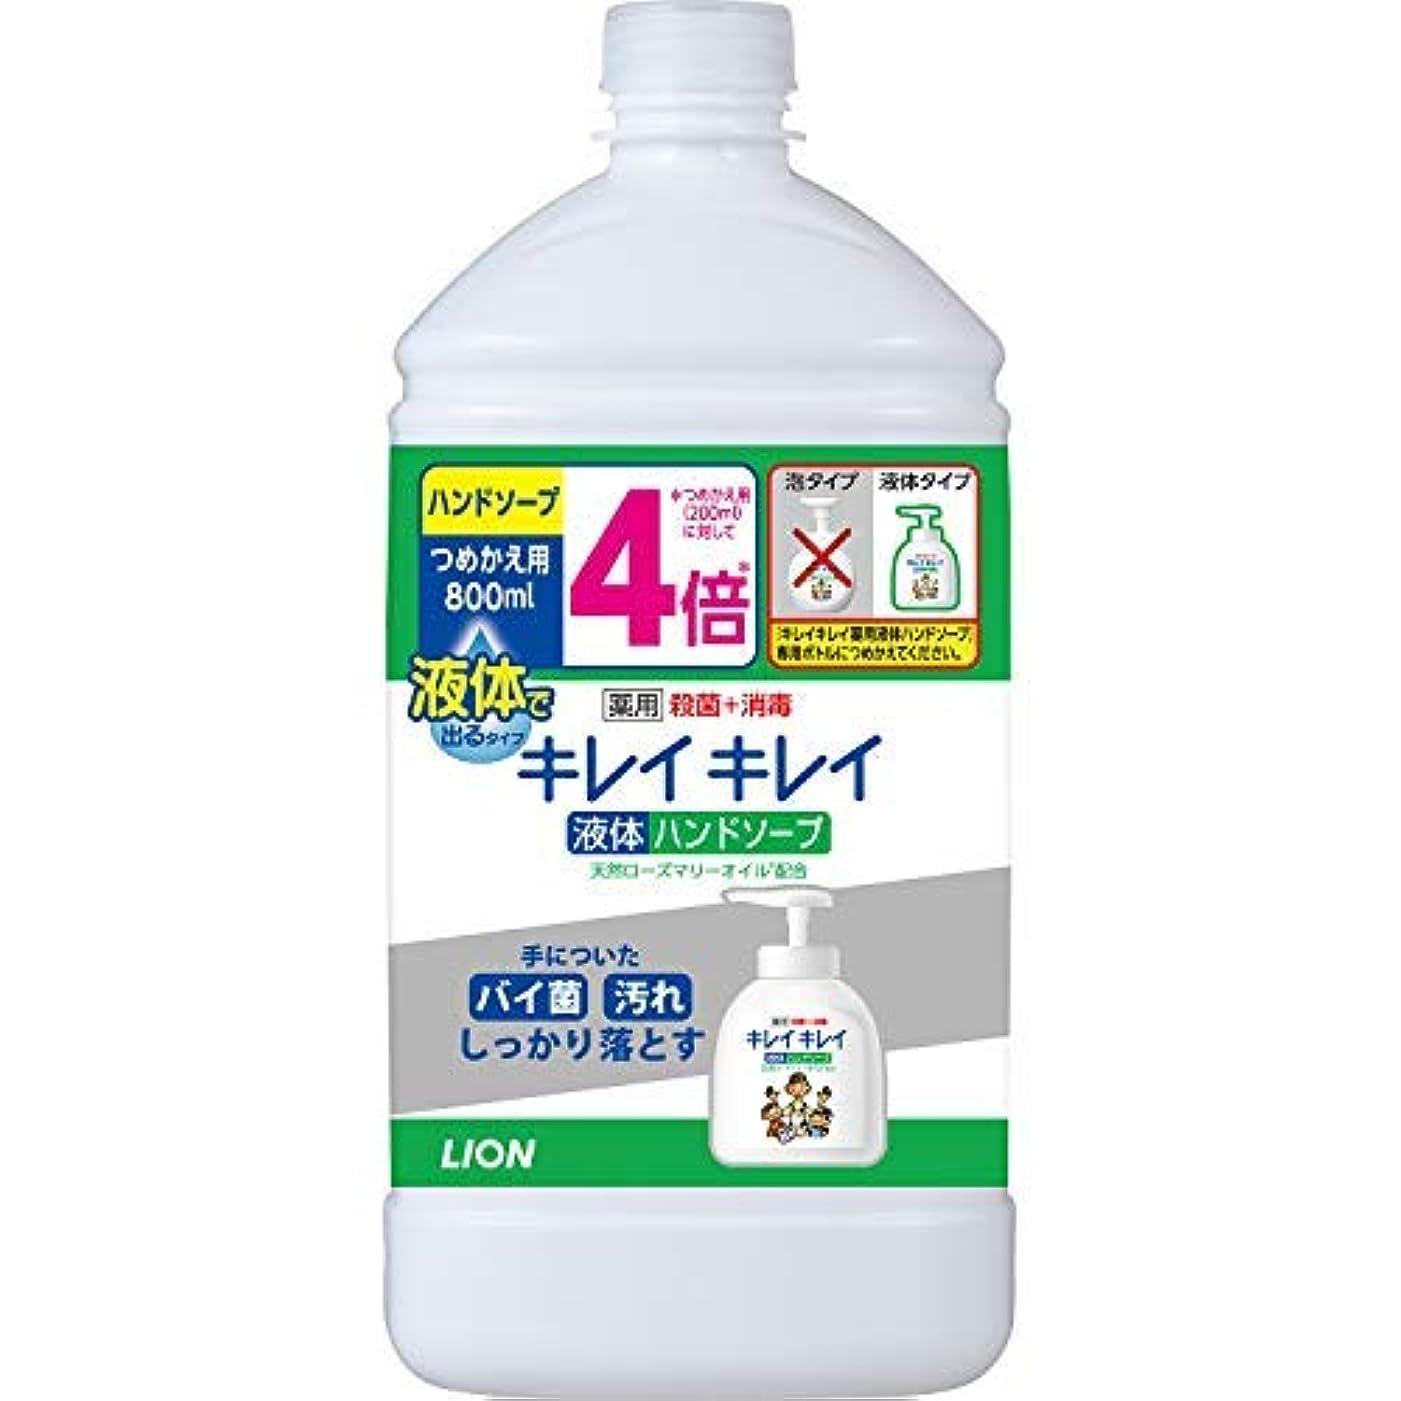 反発する実質的楽観キレイキレイ 薬用液体ハンドソープ つめかえ用特大サイズシトラスフルーテイ × 2個セット